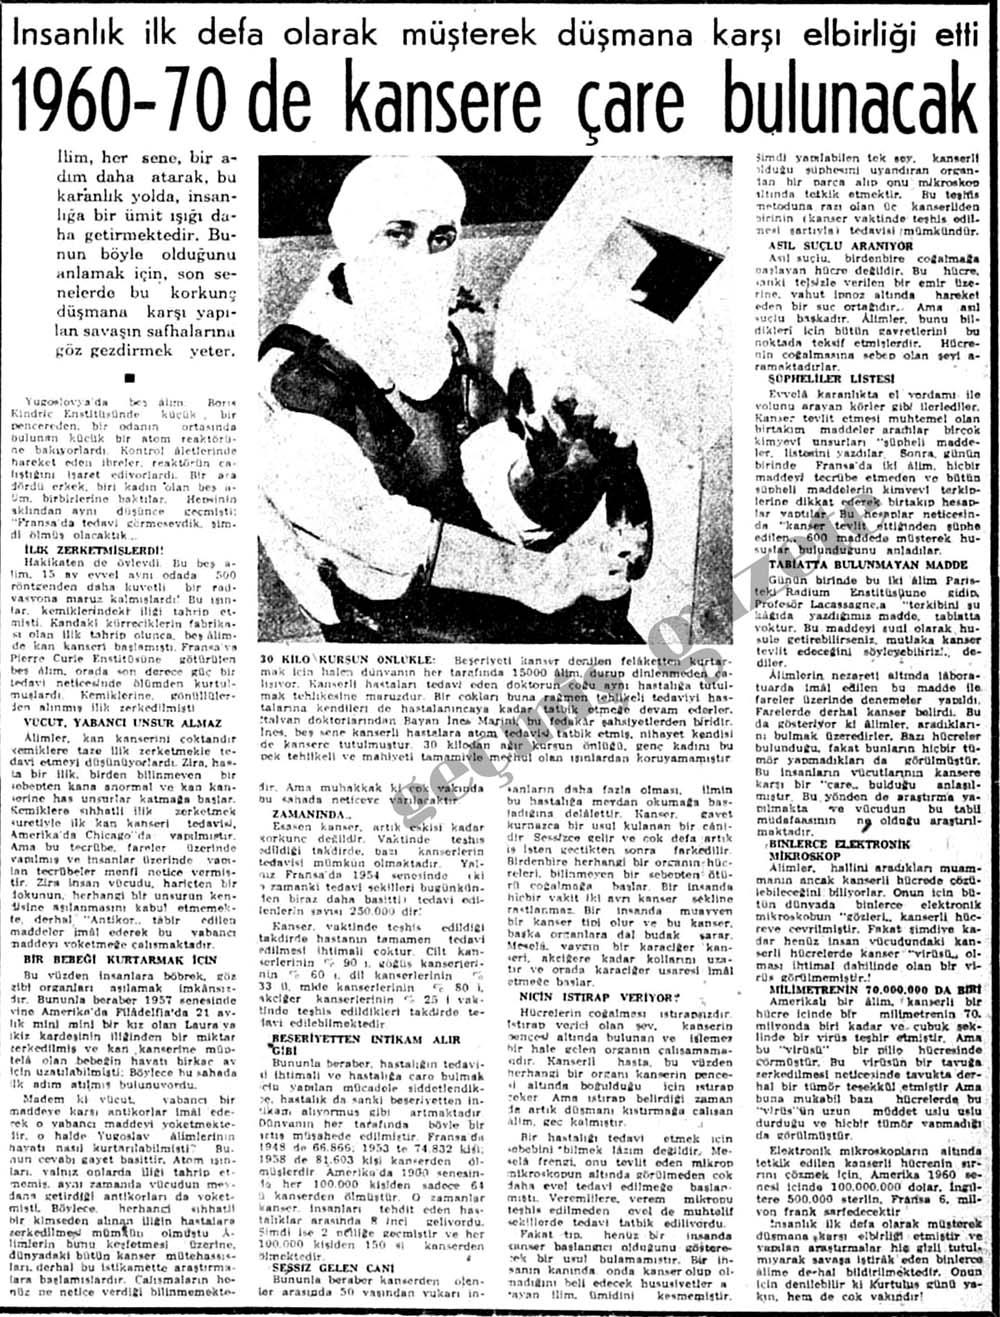 1960-70 de kansere çare bulunacak